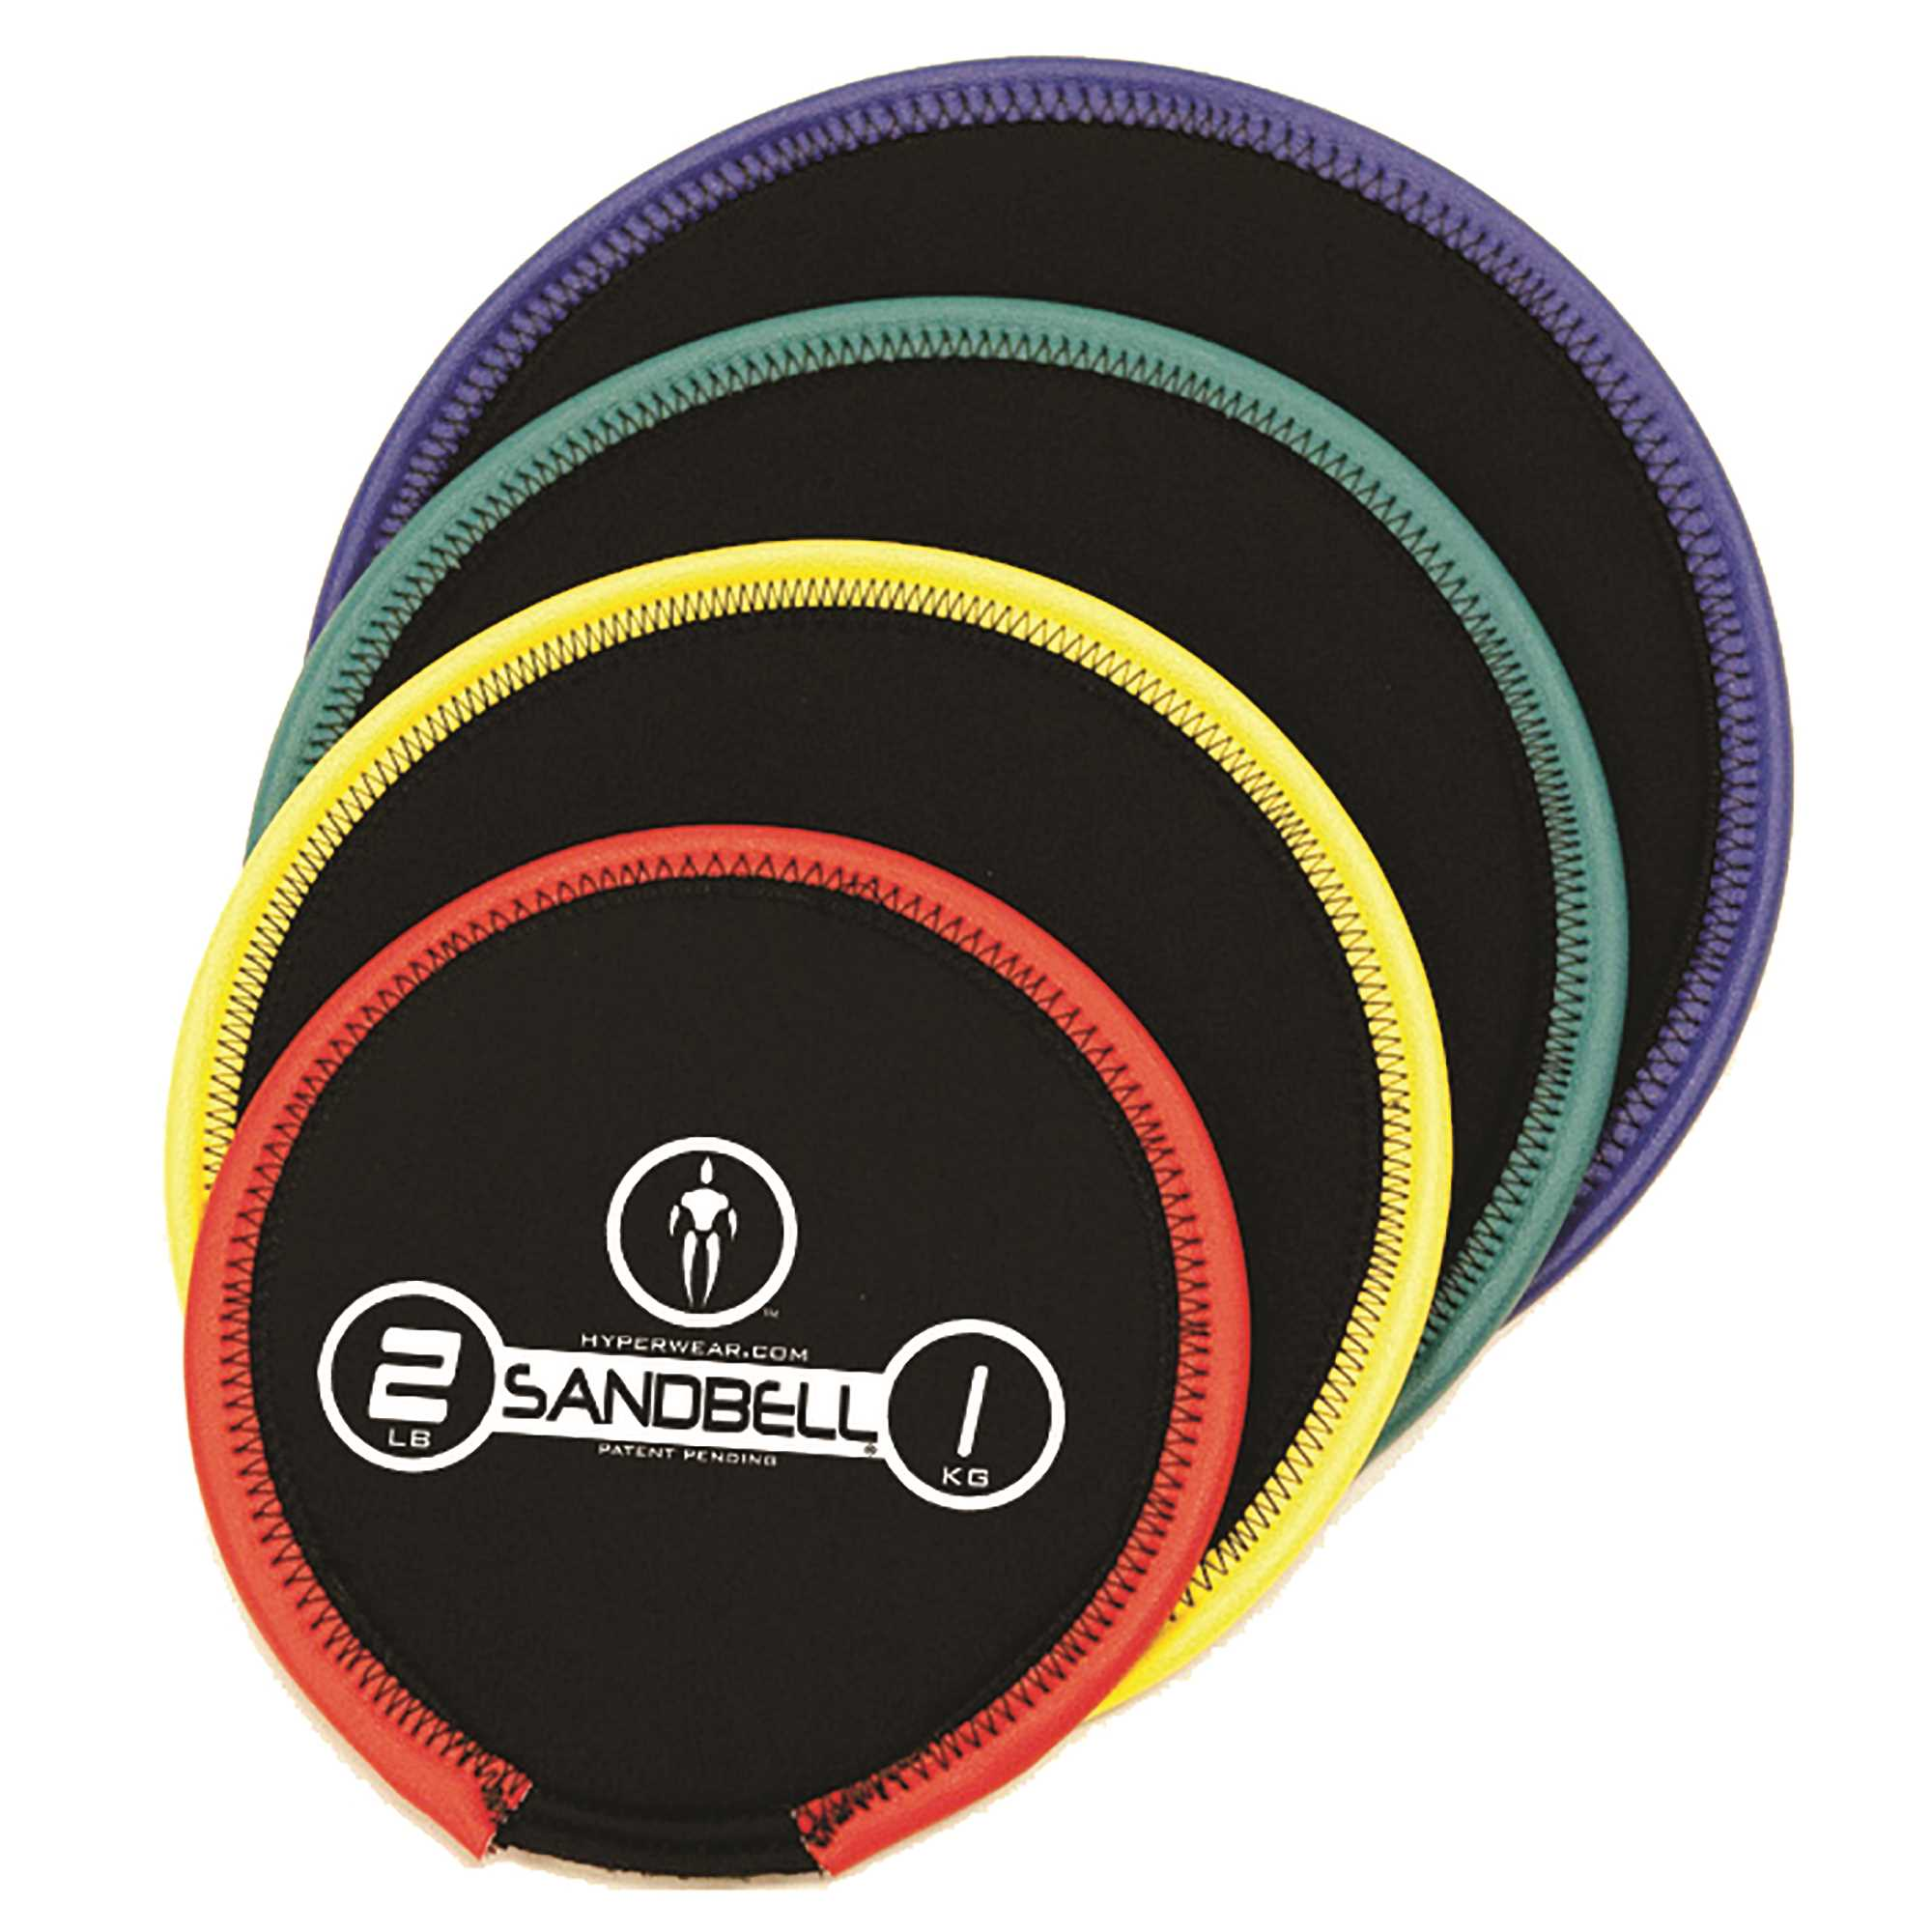 Hyperwear SandBell - 2lbs